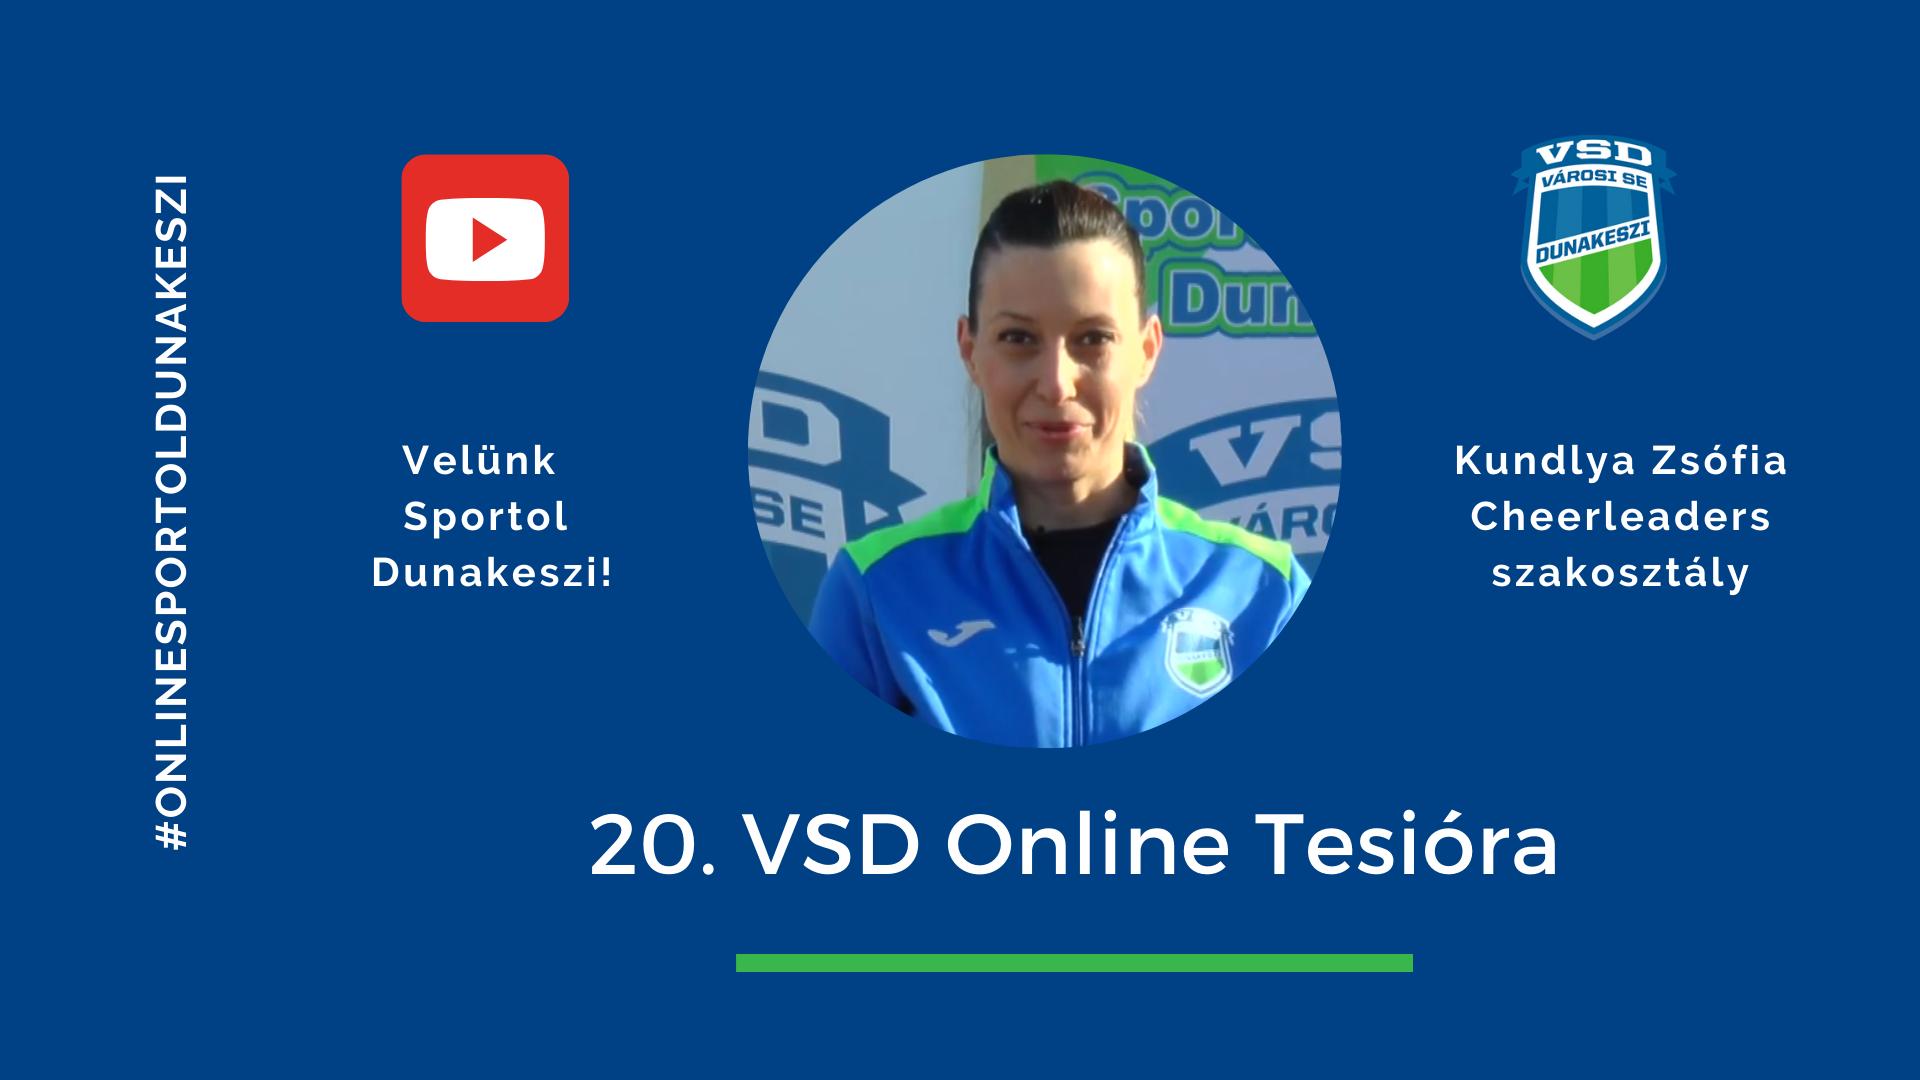 VSD Online tesi Cheerleaders